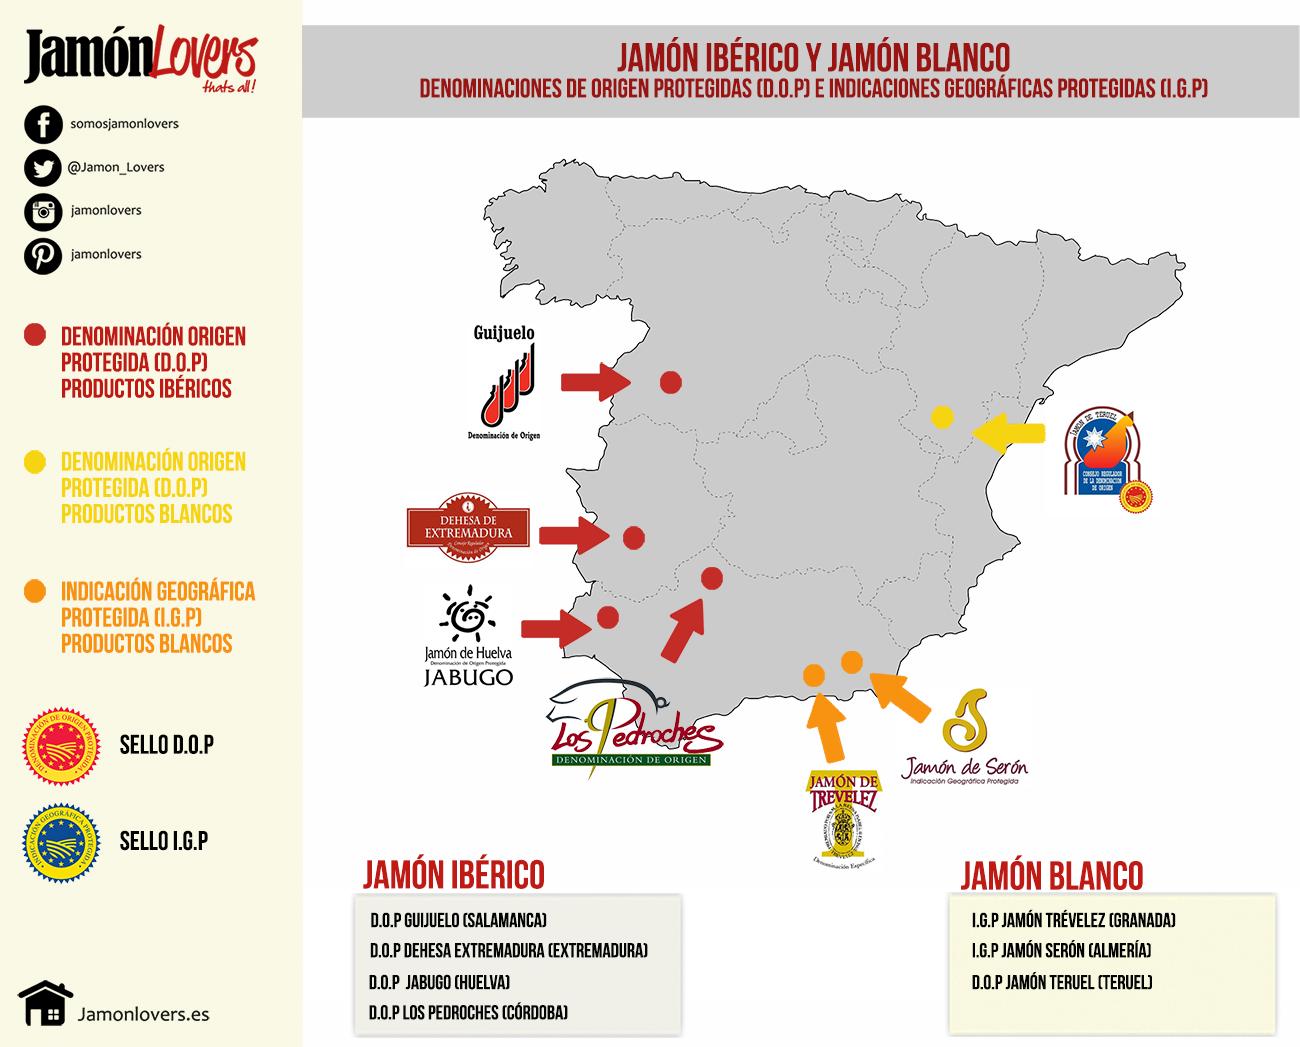 Denominaciones de origen protegidas jamón e indicaciones geográficas protegidas